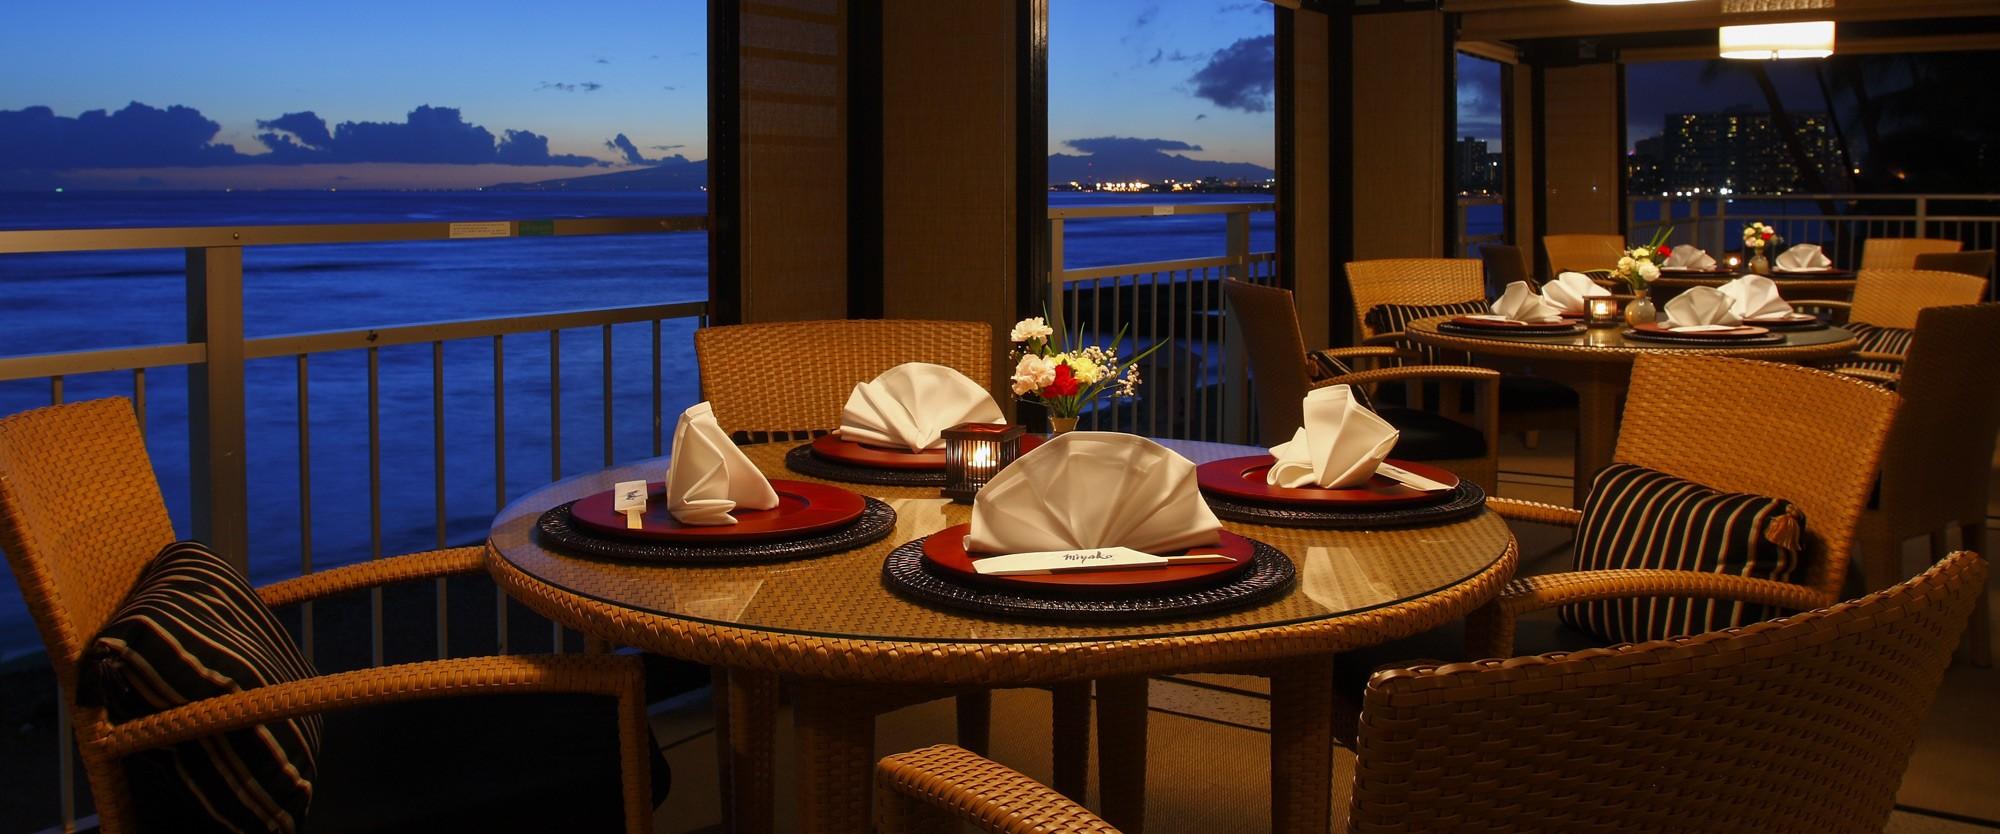 ハワイでおすすめ日本食レストラン人気4選!日本食が恋しくなったらここへ♡